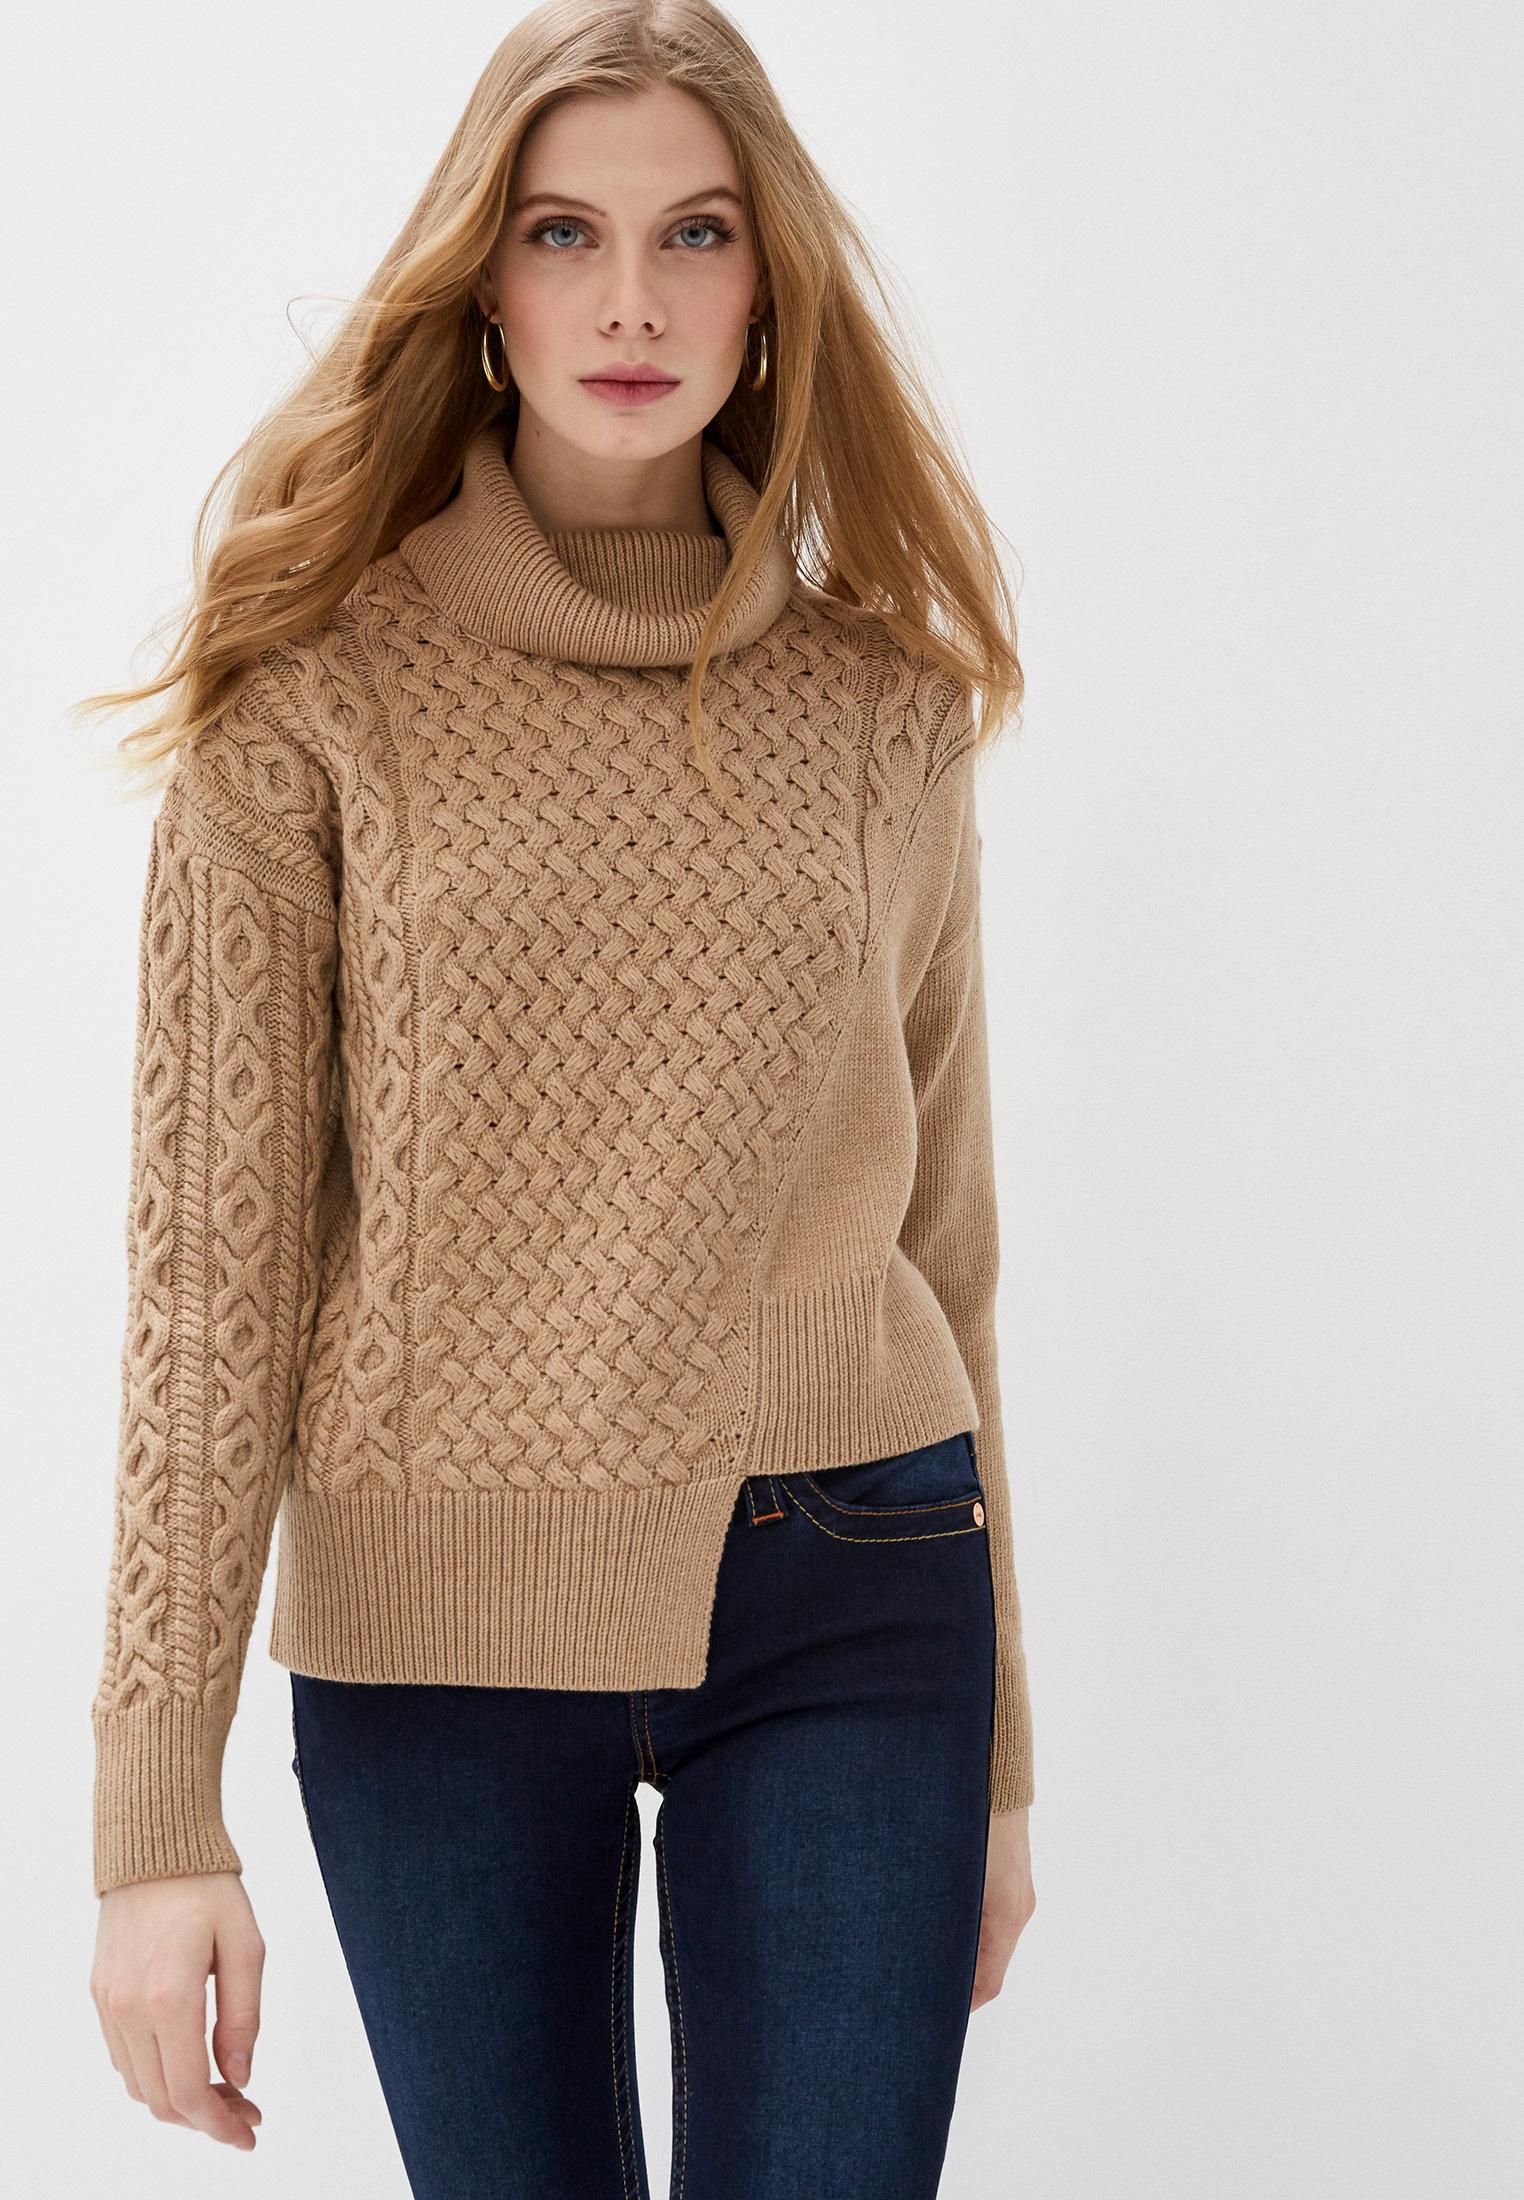 какие в моде женские свитера фото это зимняя сказка